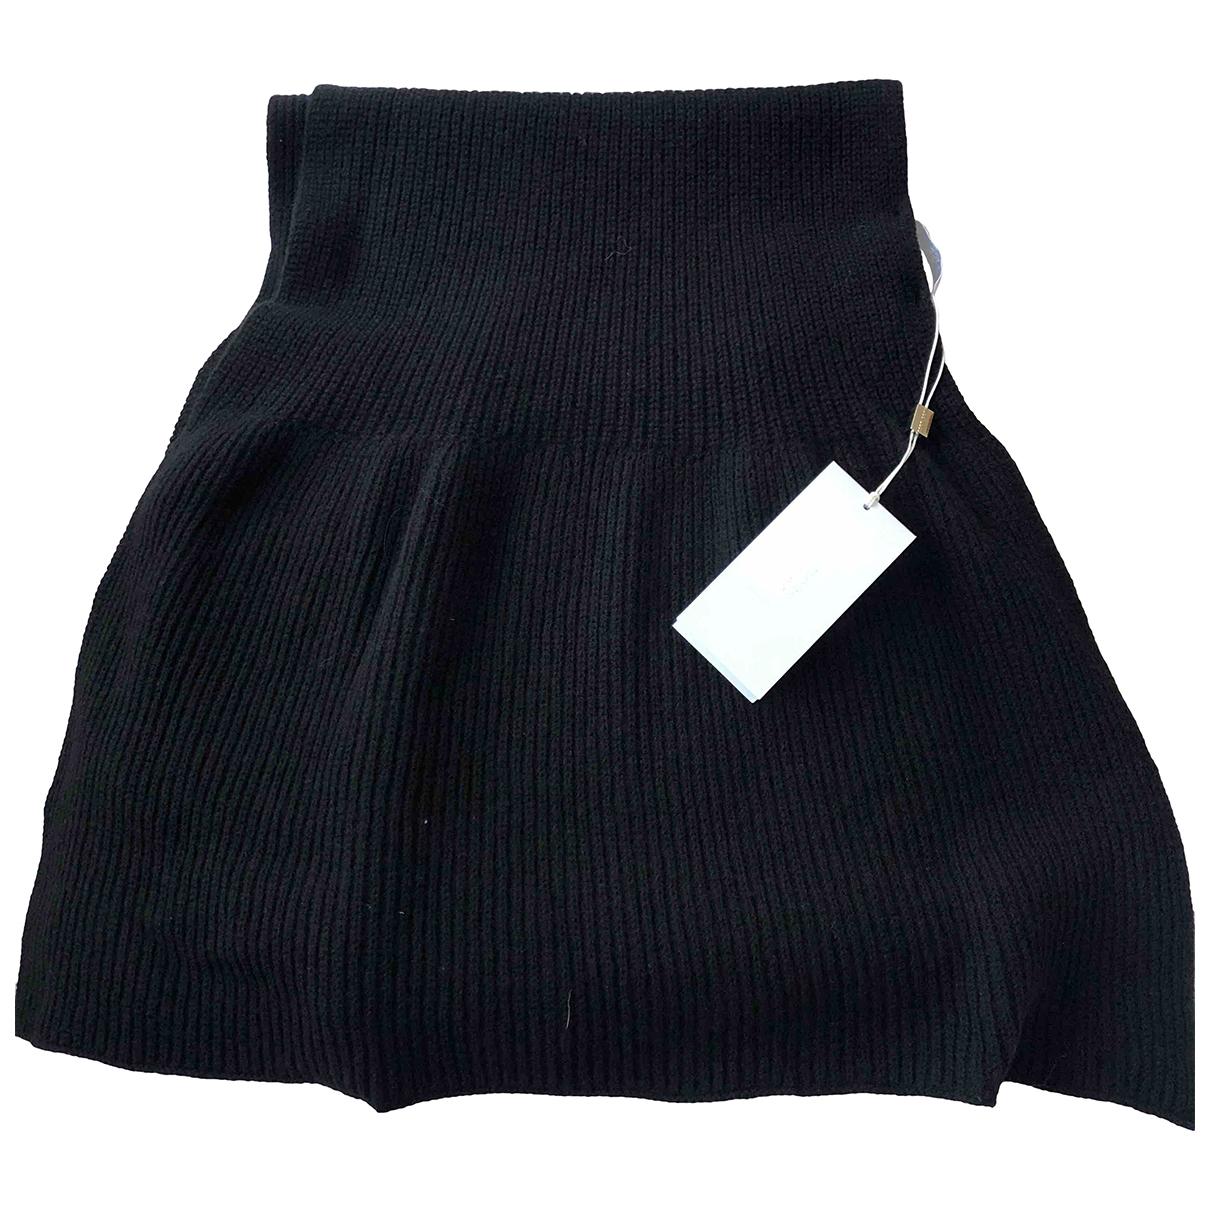 Hugo Boss - Foulard   pour femme en laine - noir